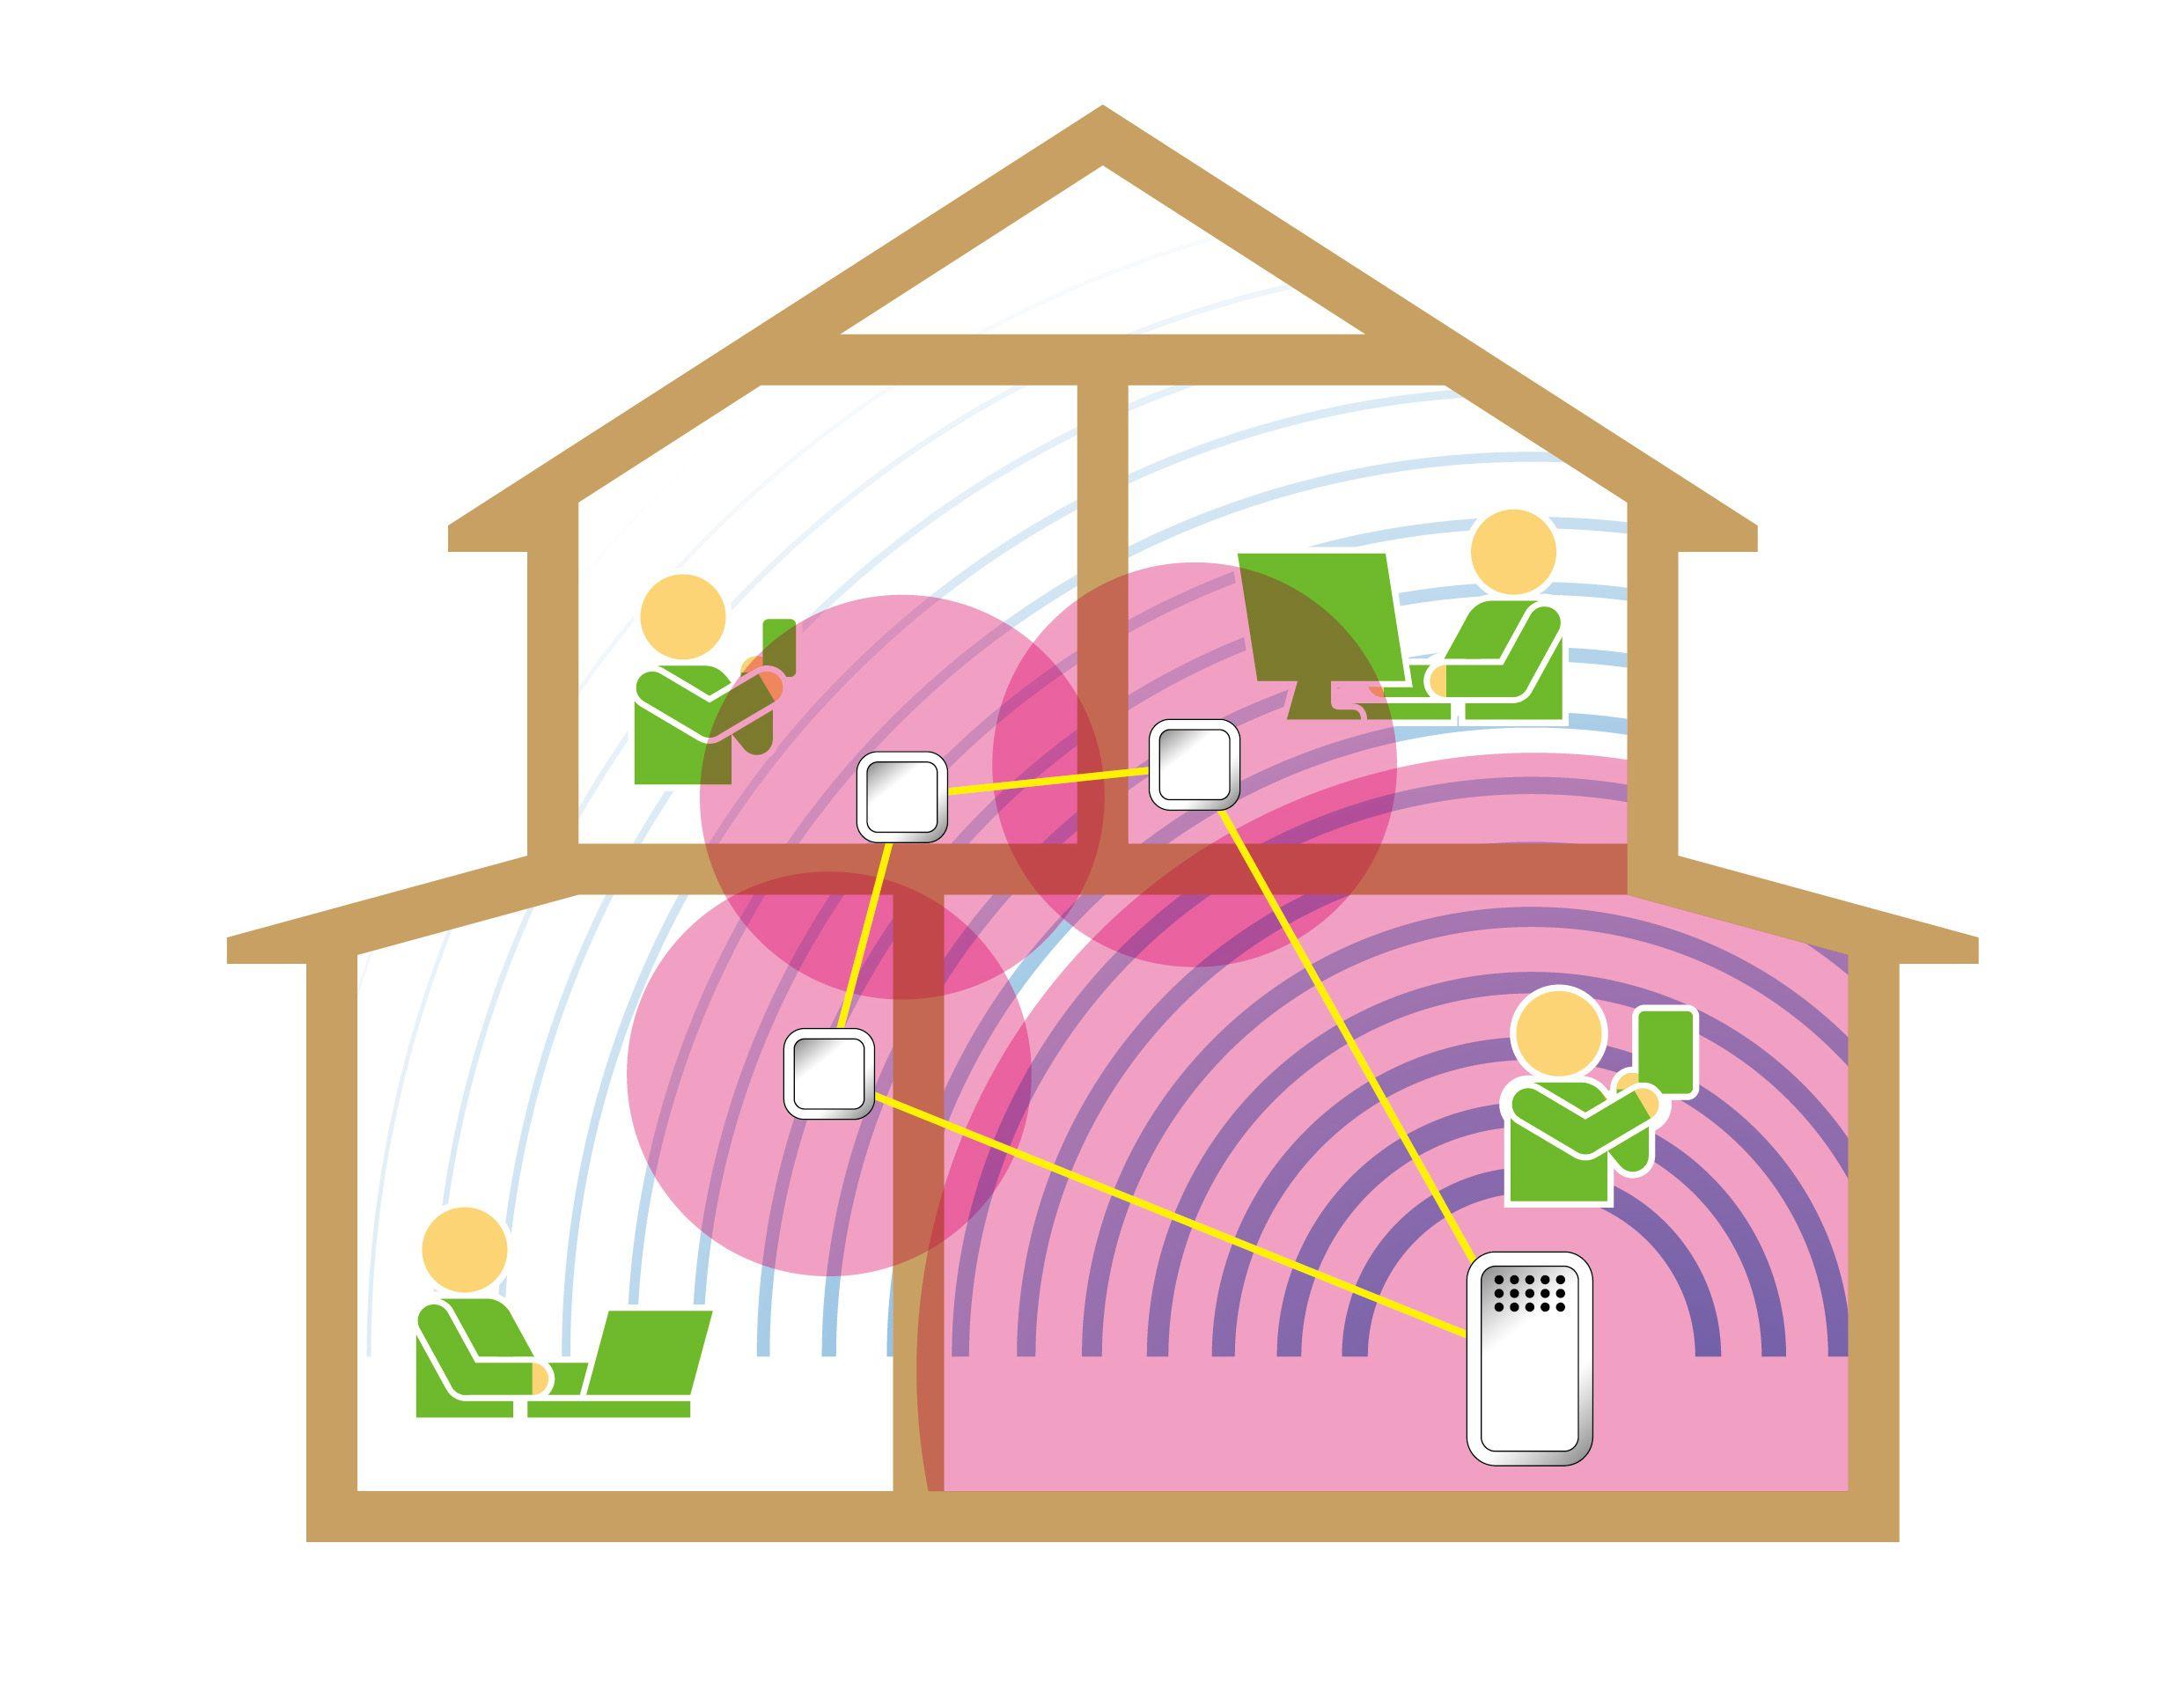 一軒家でメッシュWi-Fiネットワークを利用するイメージ画像